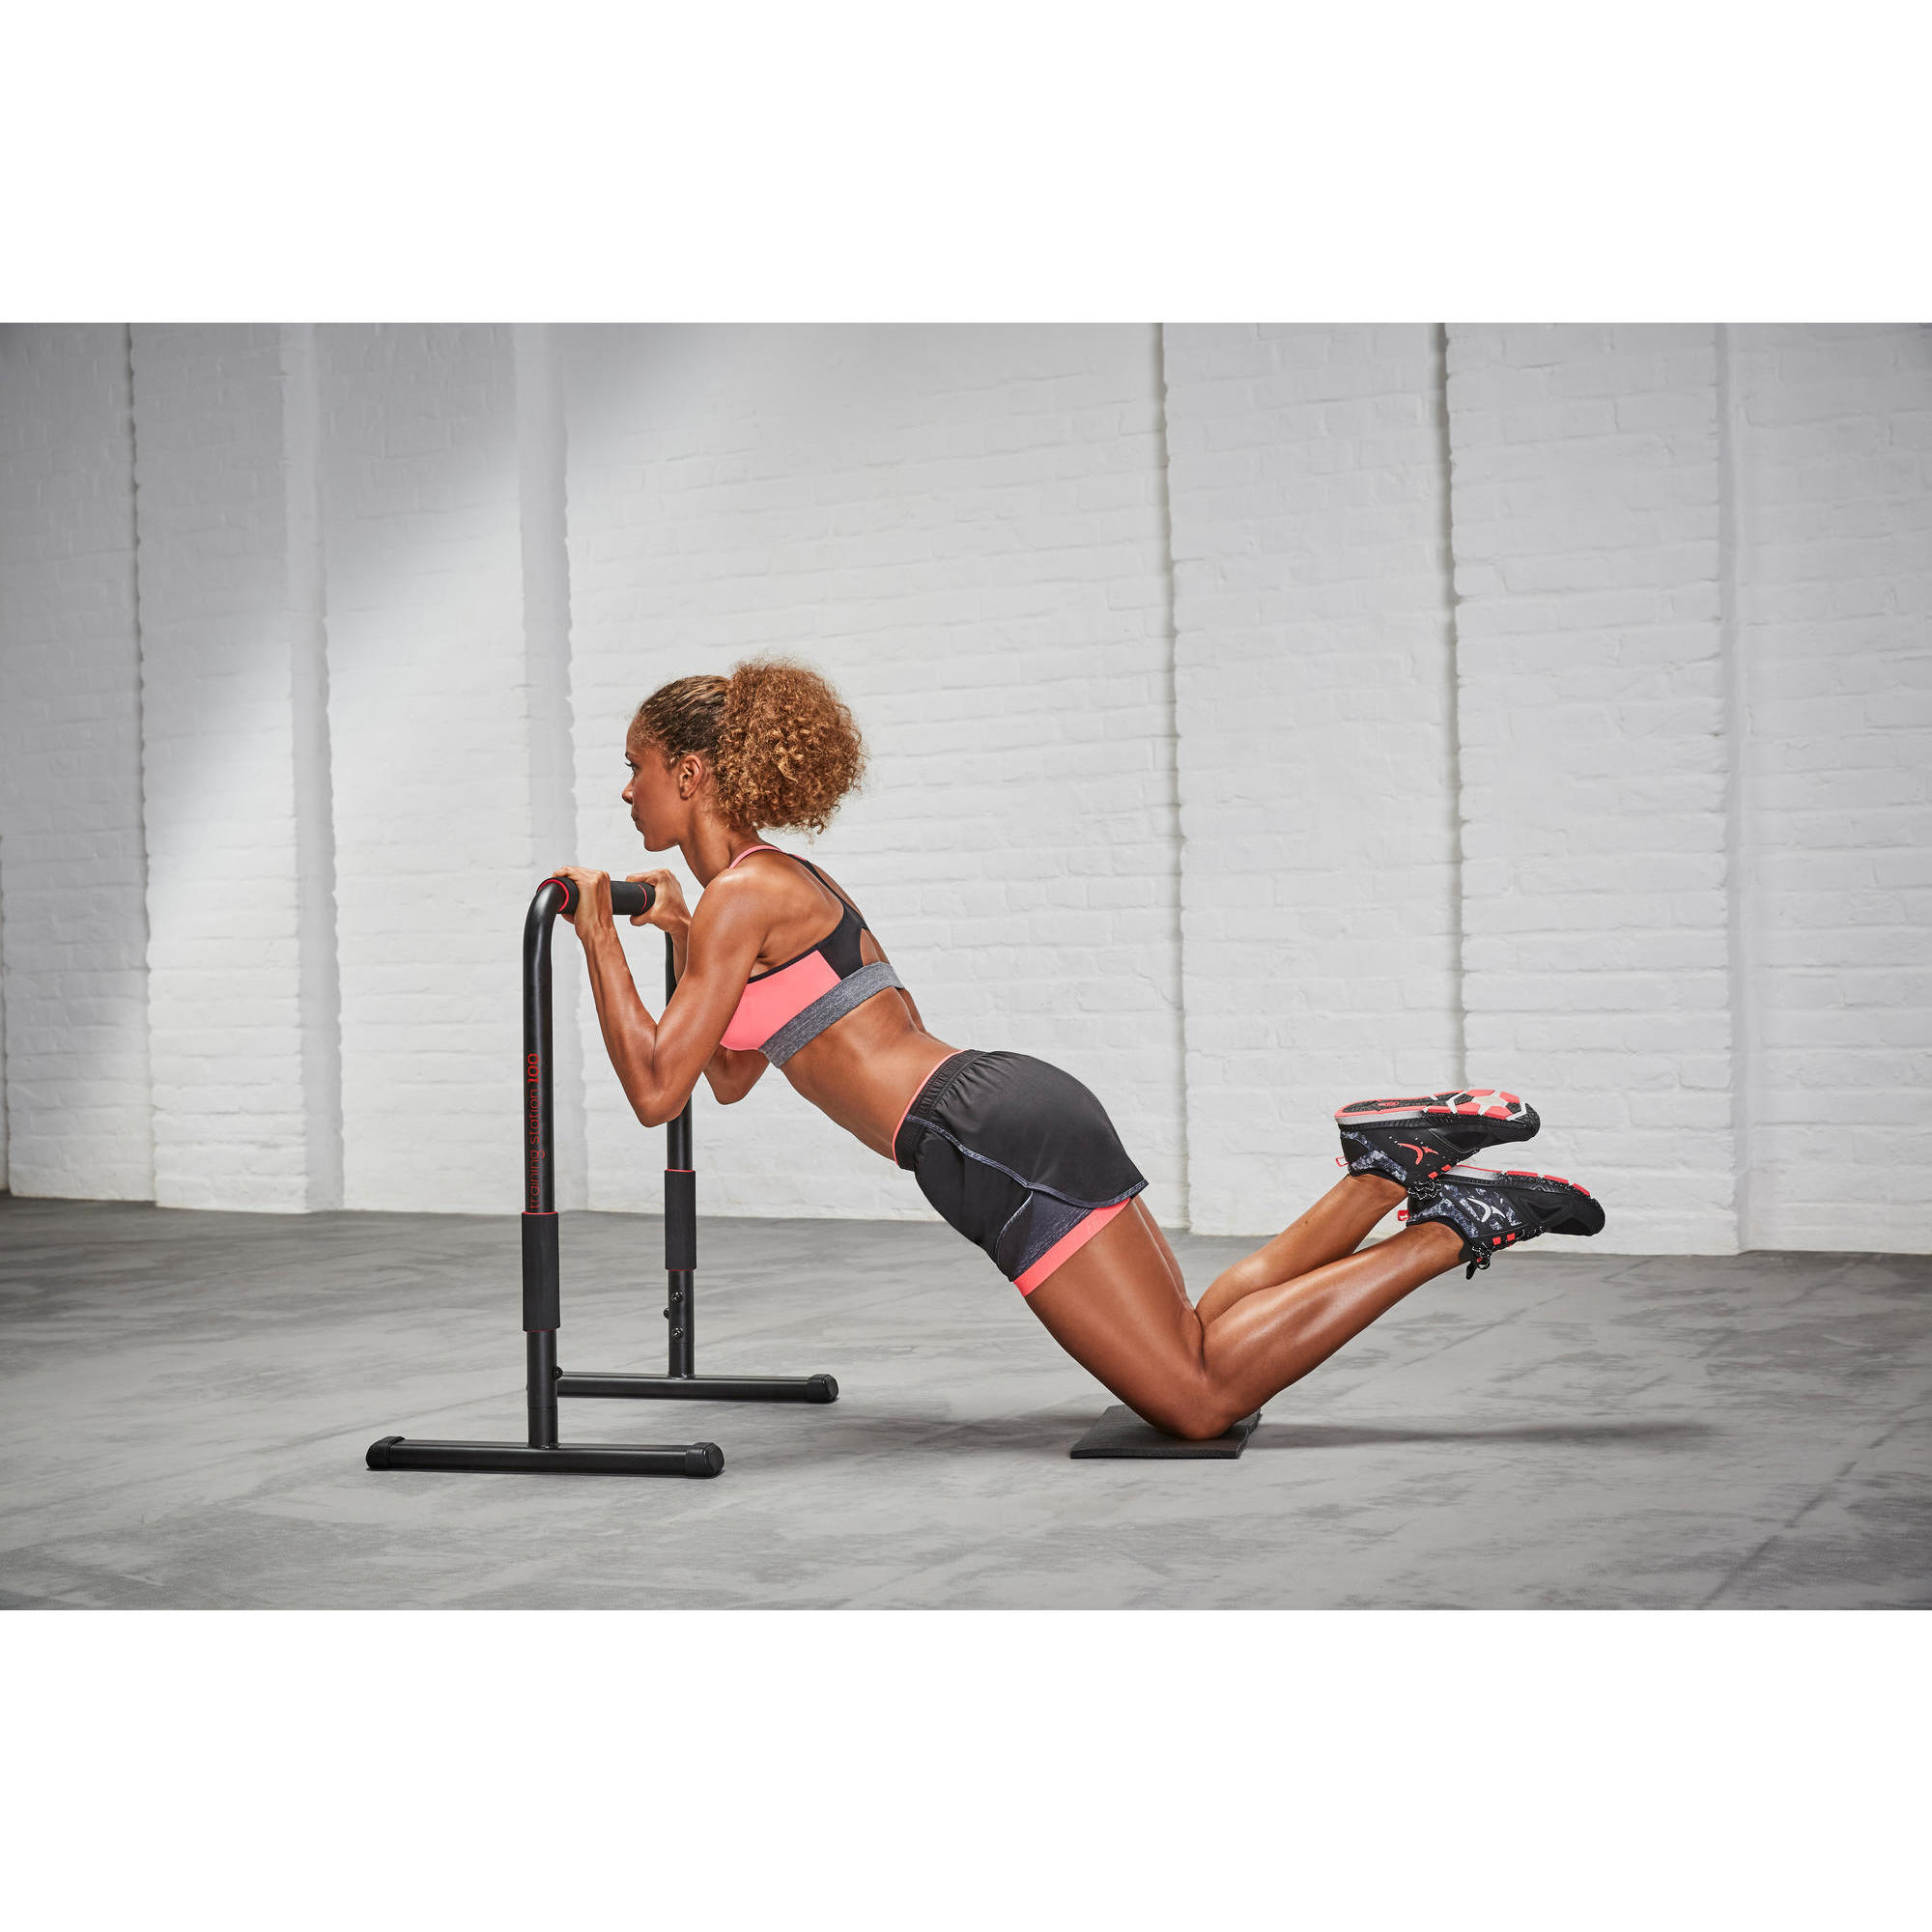 poign/ée parall/èle 1 Mousqueton pour Musculation Crossfit Musculation//Fitness//Sport C.P Poign/ée de Sport//poign/ée parall/èle//poign/ée de Triceps//Barre de tirage